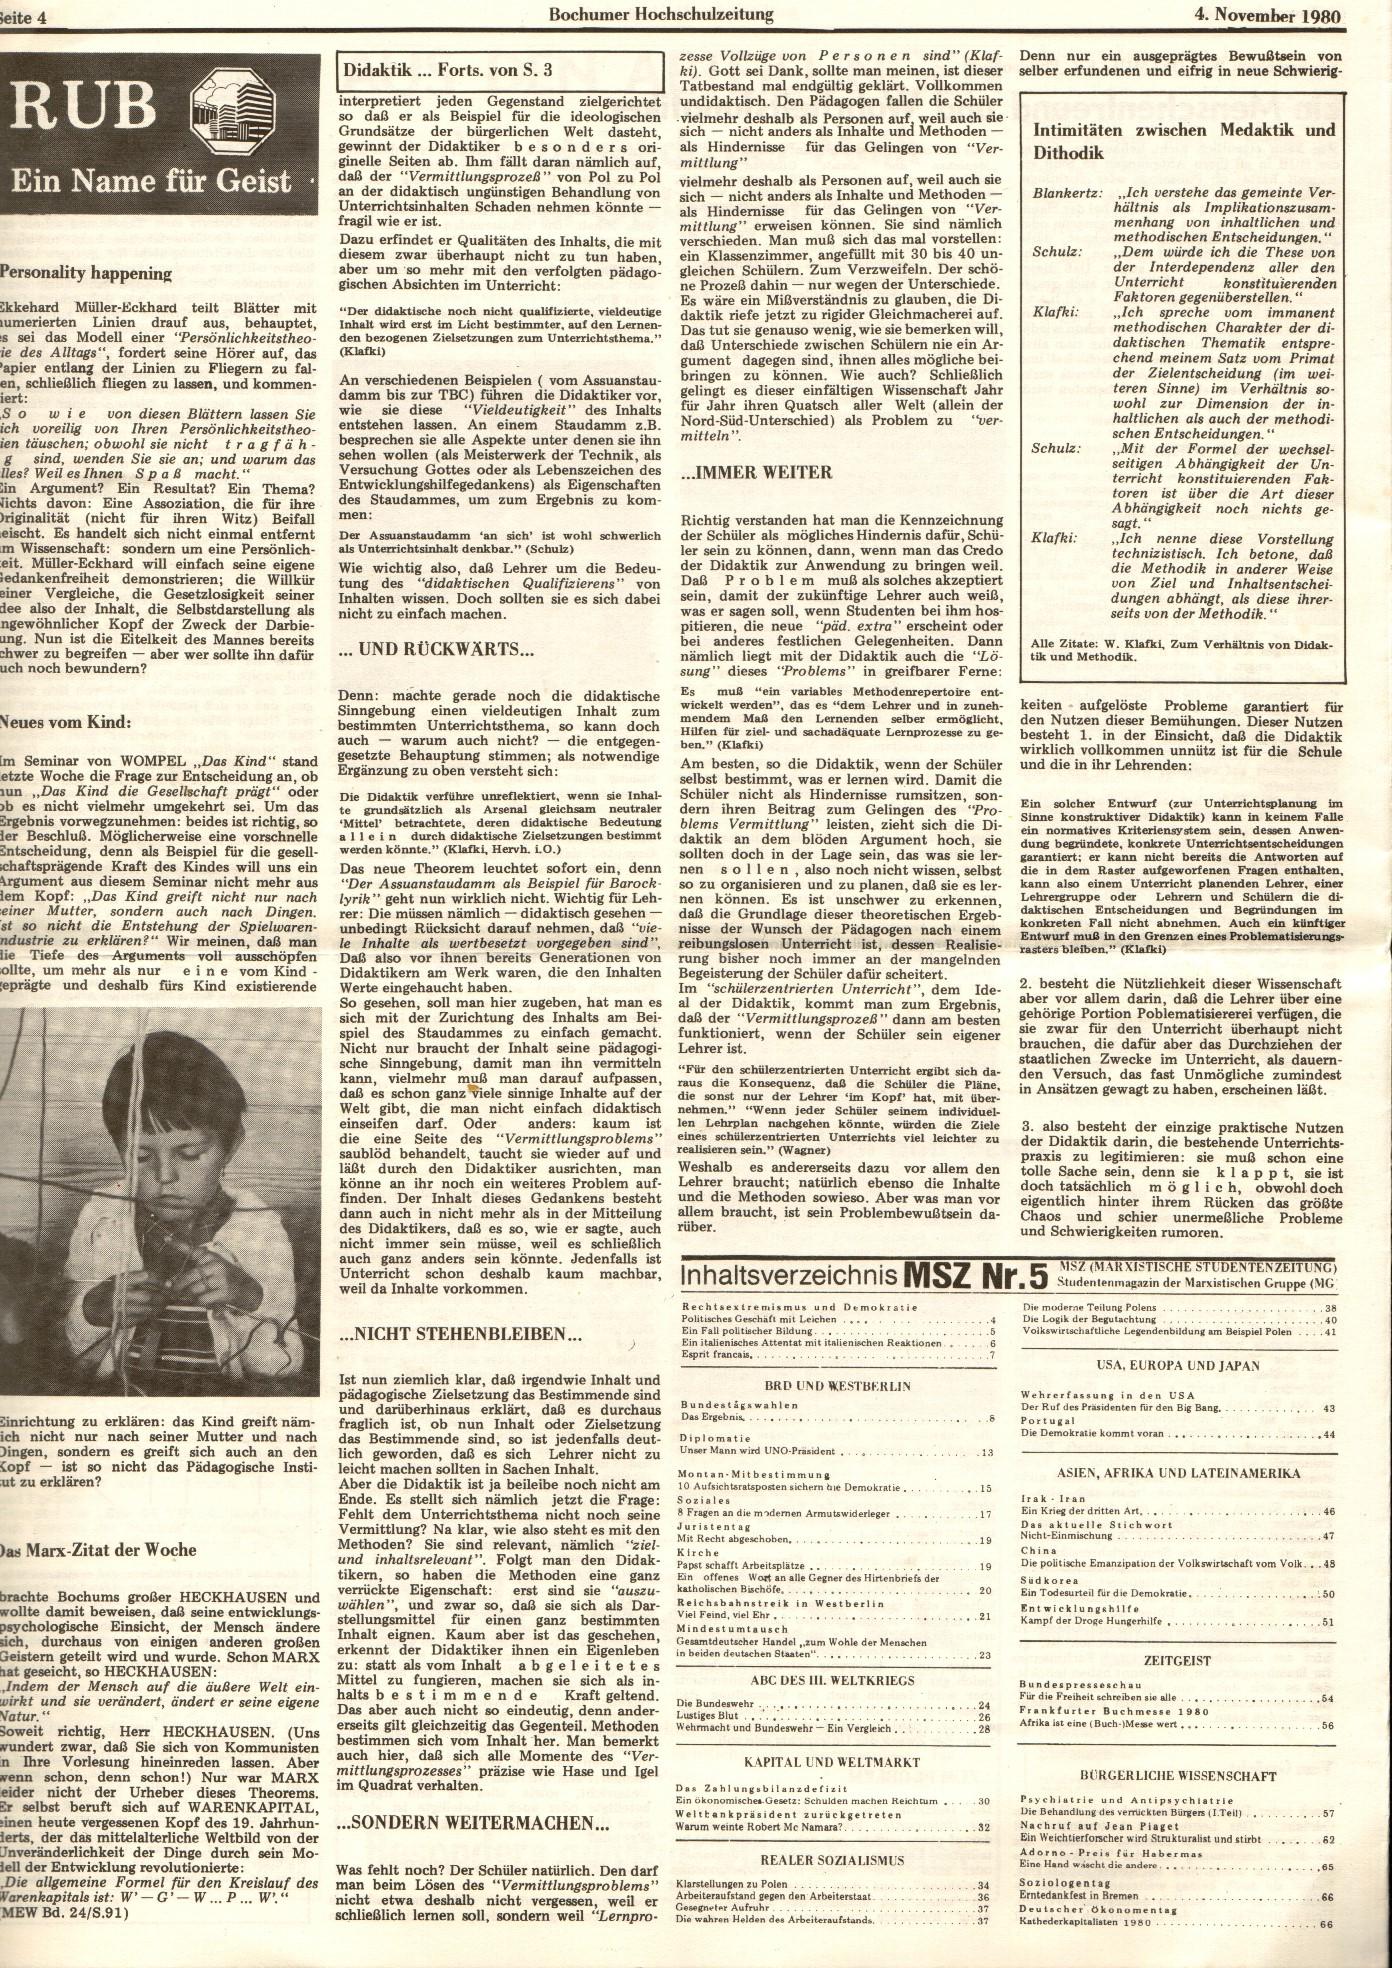 MG_Bochumer_Hochschulzeitung_19801104_04